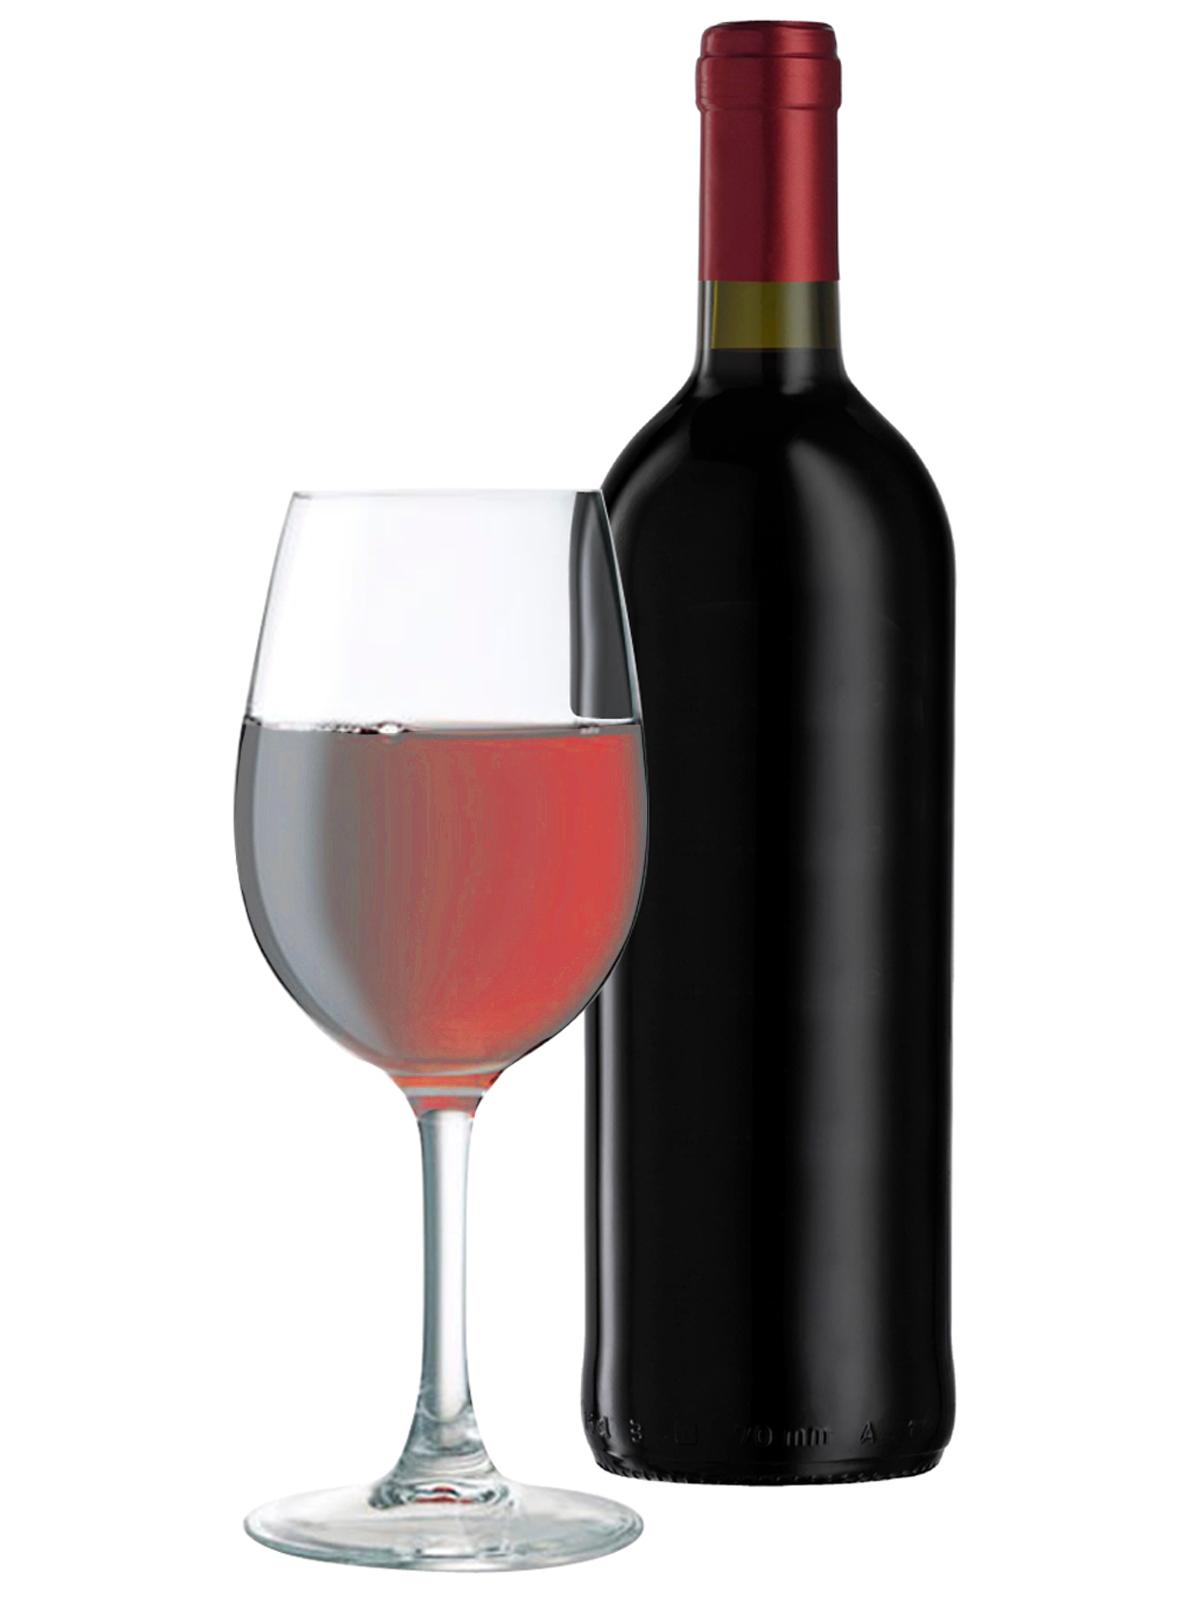 ไวน์ผลไม้ลิ้นจี่